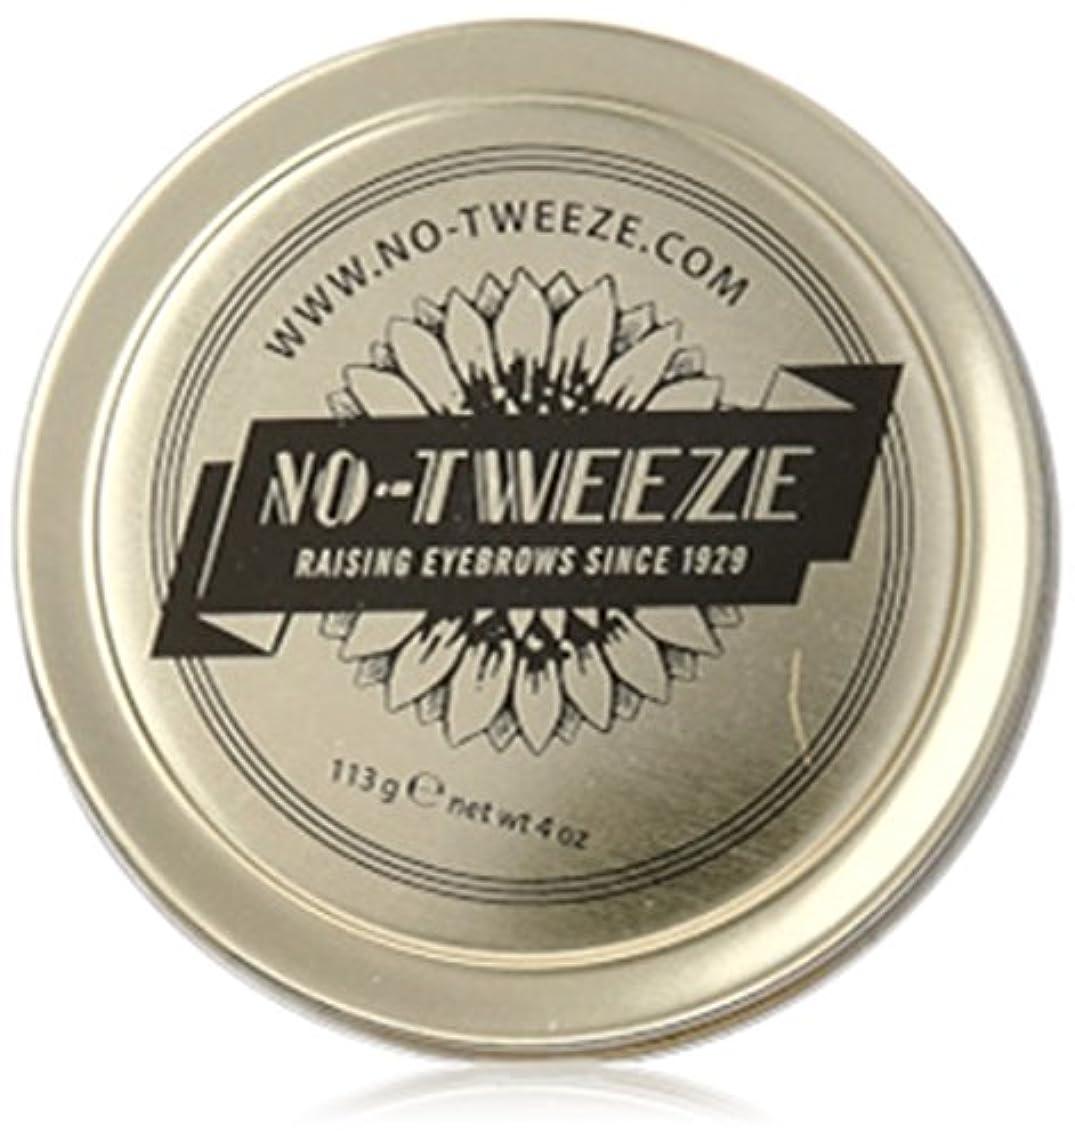 課税天才緩めるno-tweeze Classic Remover Wax, 4 Ounce by no tweeze